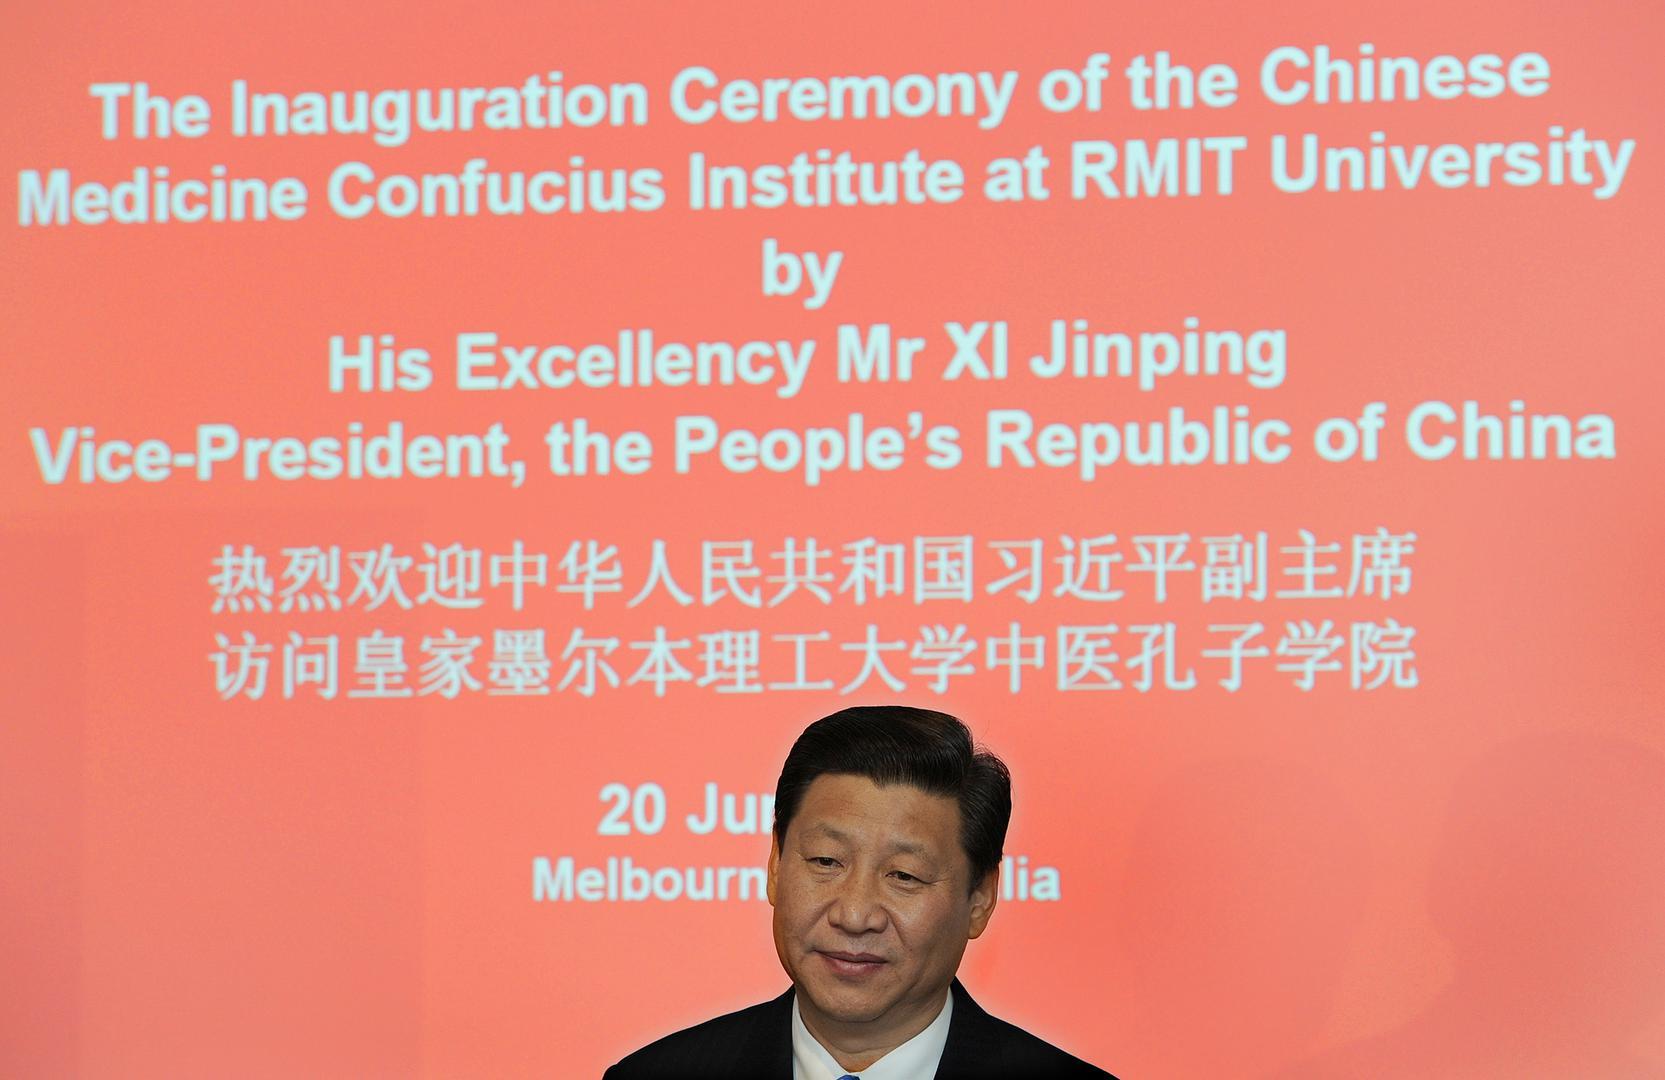 时任中国国家副主席的习近平在澳大利亚首个中医孔子学院揭幕仪式上讲话,墨尔本,皇家墨尔本理工大学,2010年6月20日。